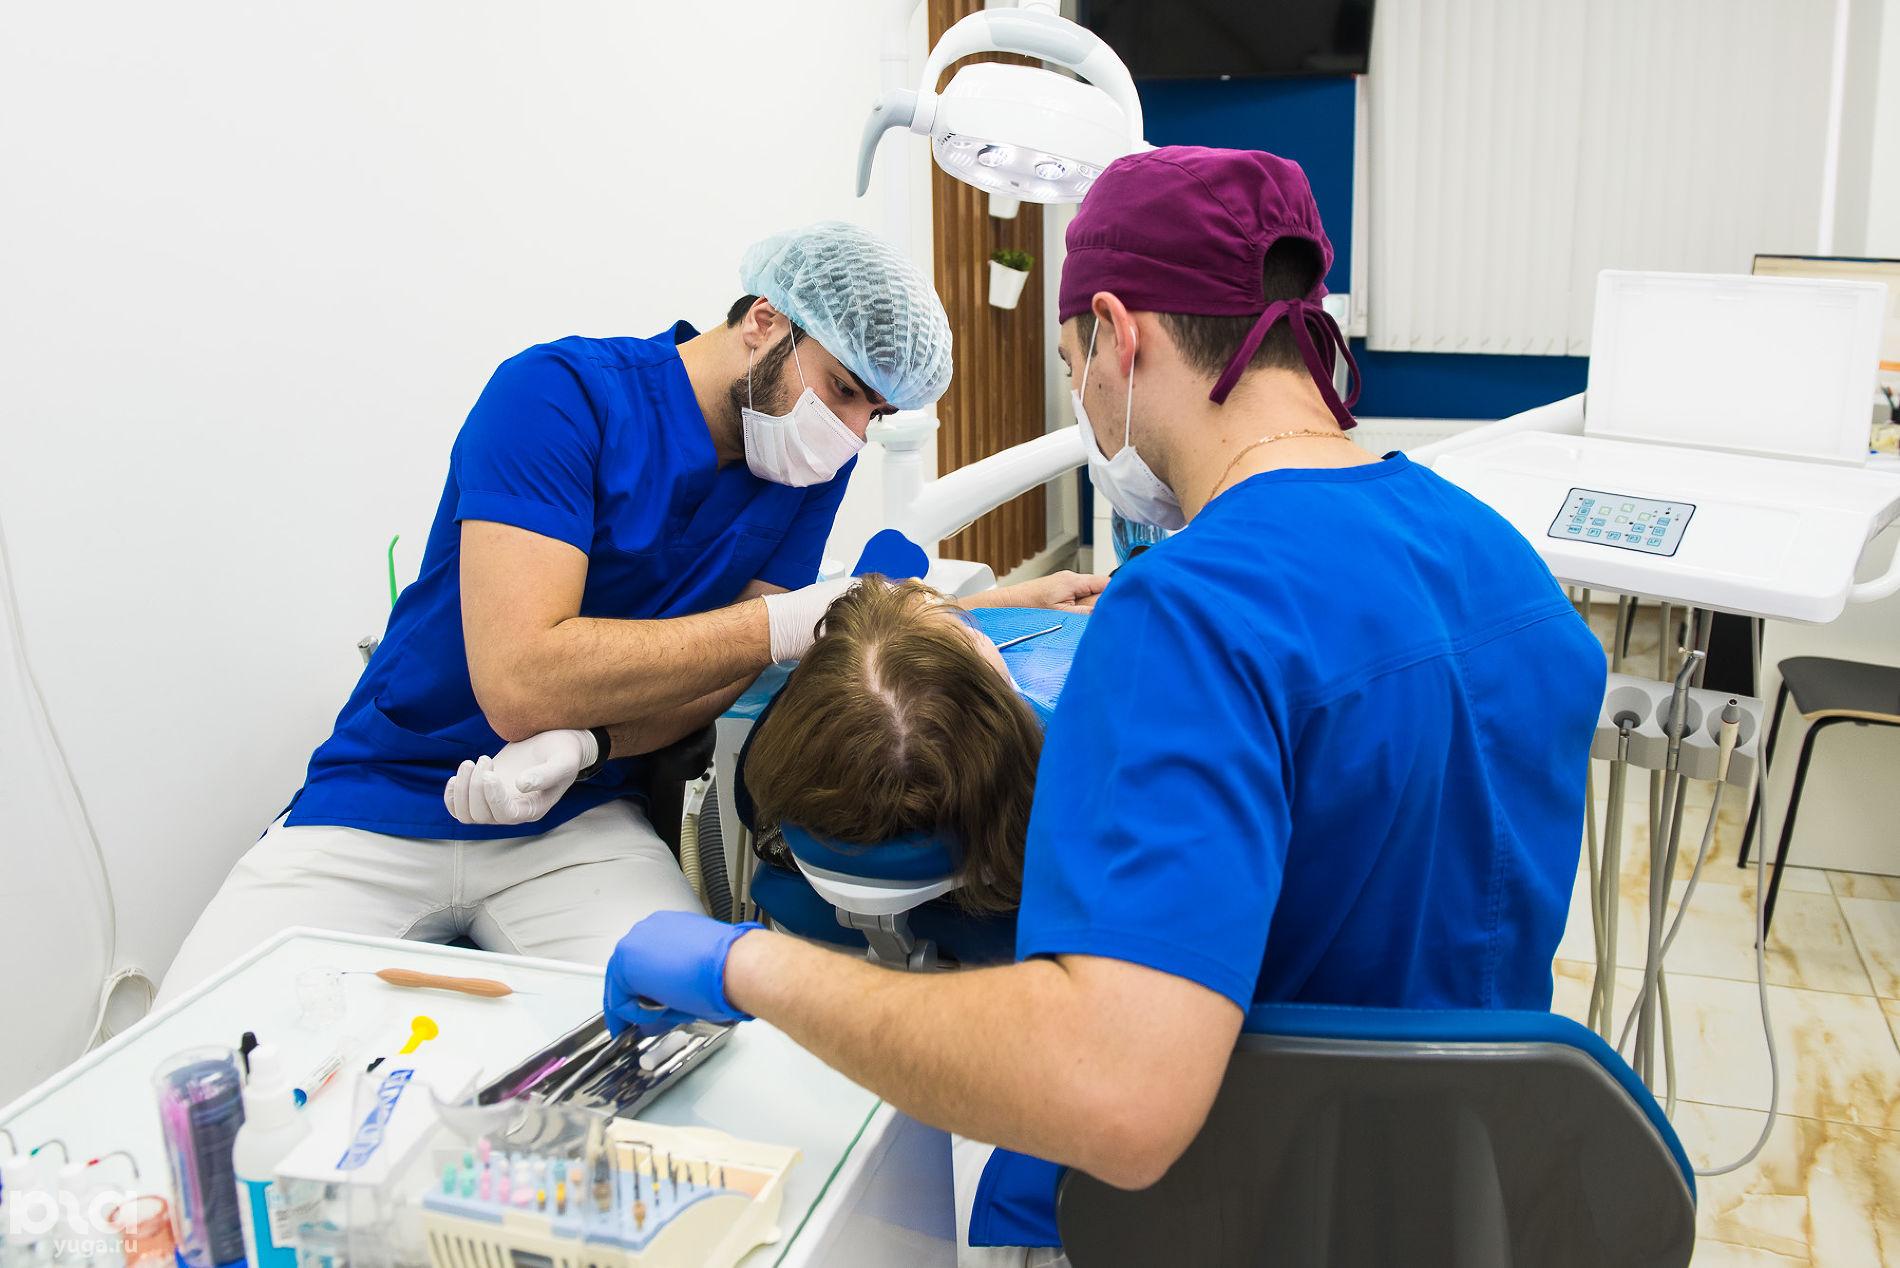 Лечение зубов в клинике World Dent © Фото Елены Синеок, Юга.ру